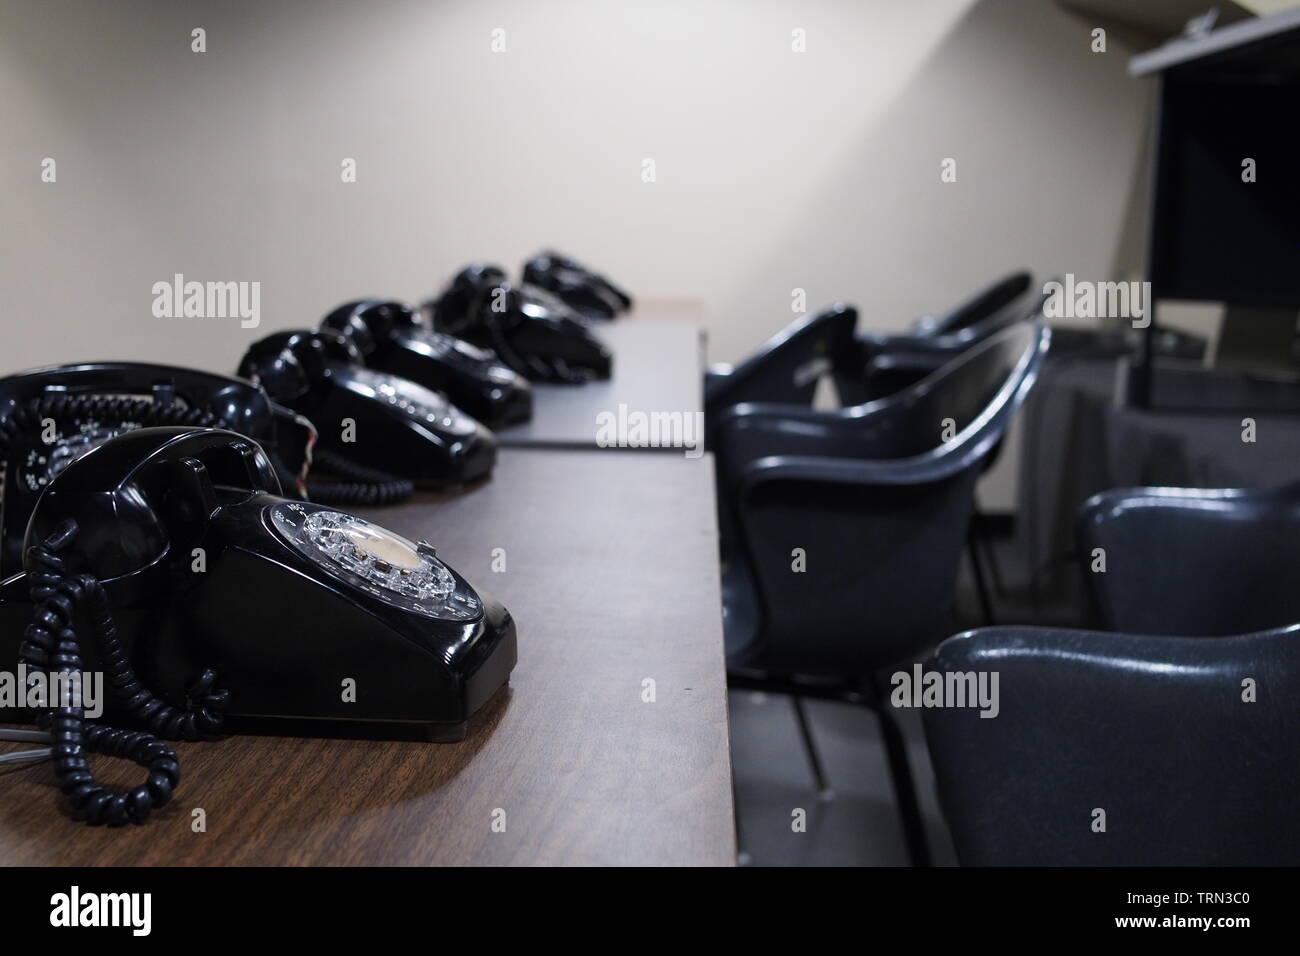 Una fila de teléfonos giratorio negro en el Centro de Situación de la Diefenbunker, Canadá es el Museo de la guerra fría, carpa, Ontario, Canadá. Imagen De Stock